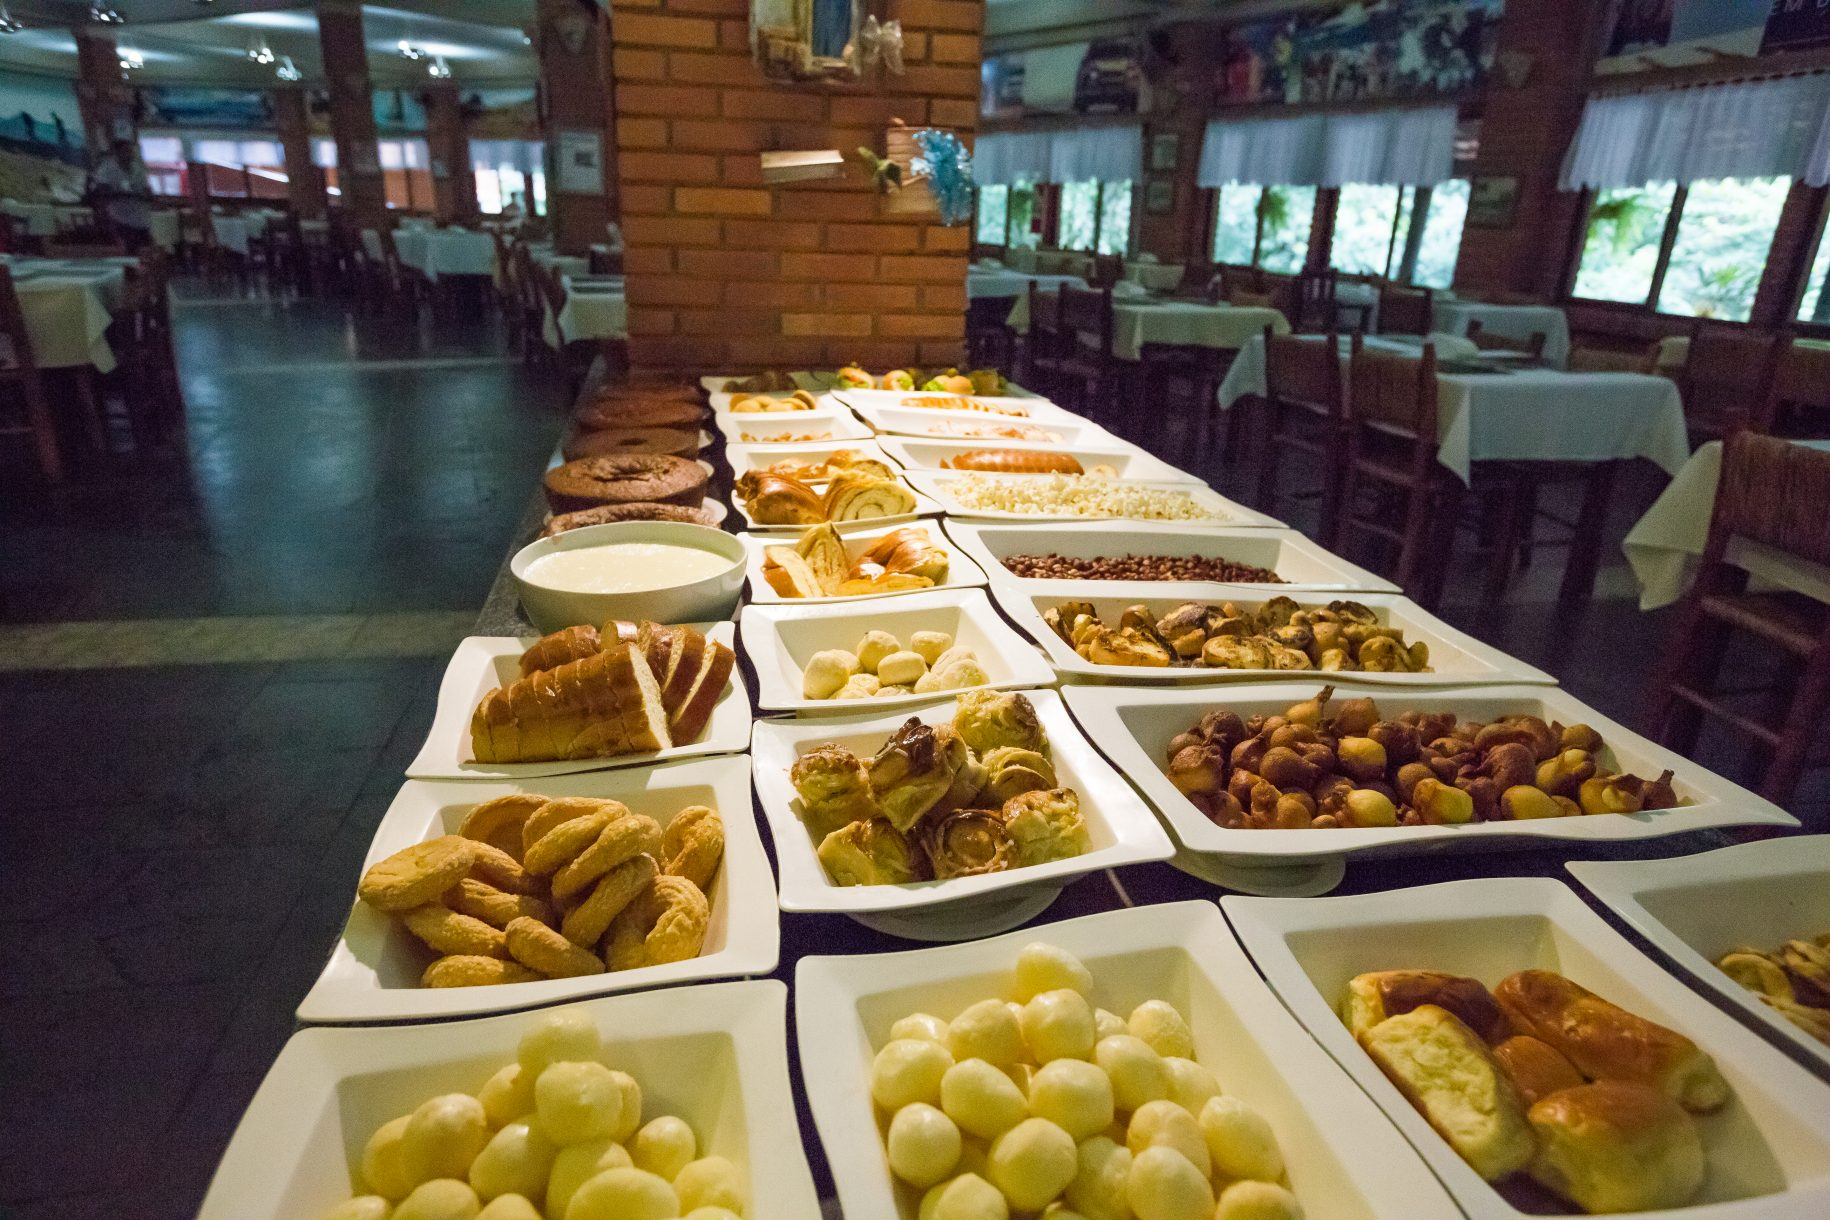 Mesa de pães e doces caseiros, no café da manhã do hotel fazenda parque dos sonhos com inúmeras opções